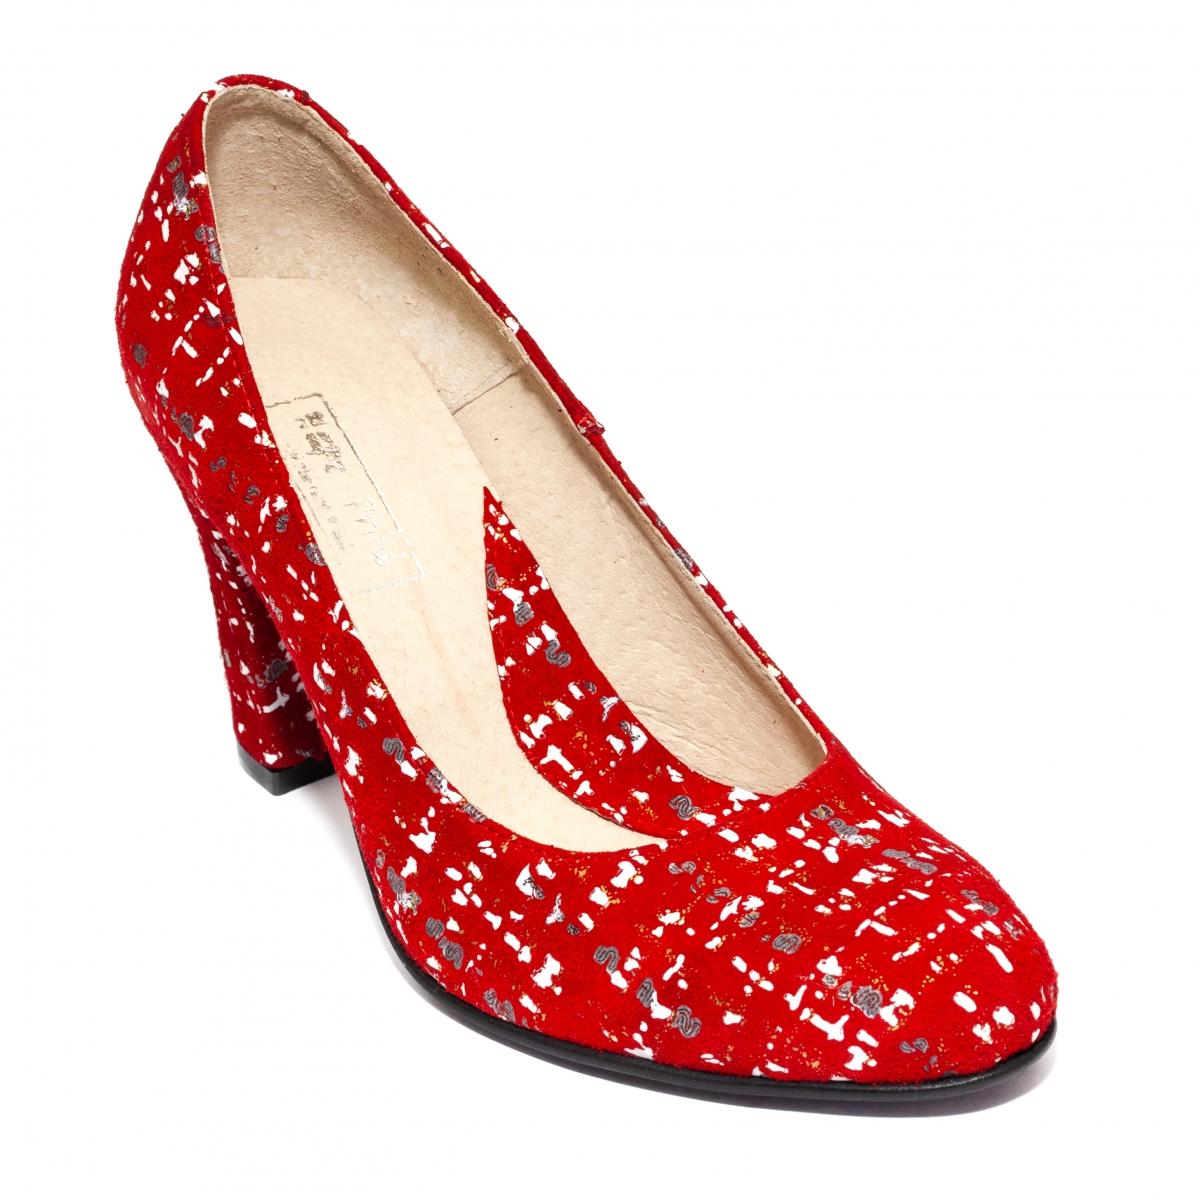 Pantofi dama cu toc 952 rosu lux 34-40